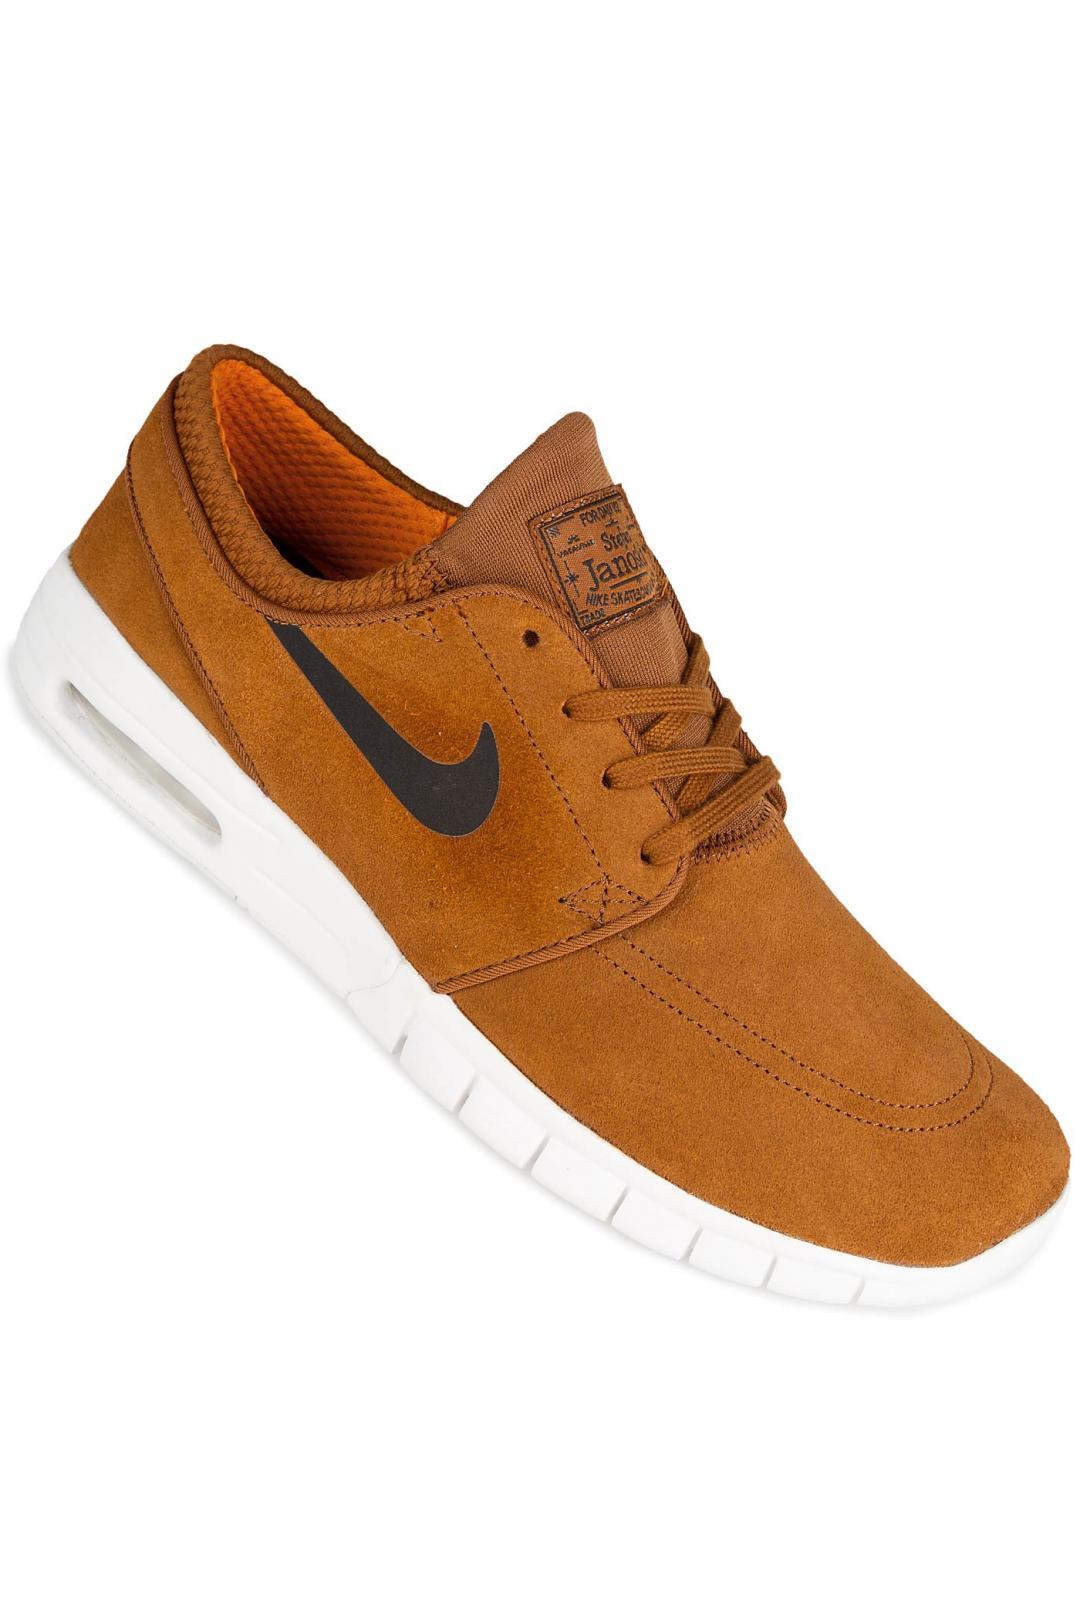 Uomo/Donna Nike SB Stefan Janoski Max Suede hazelnut black   Sneaker